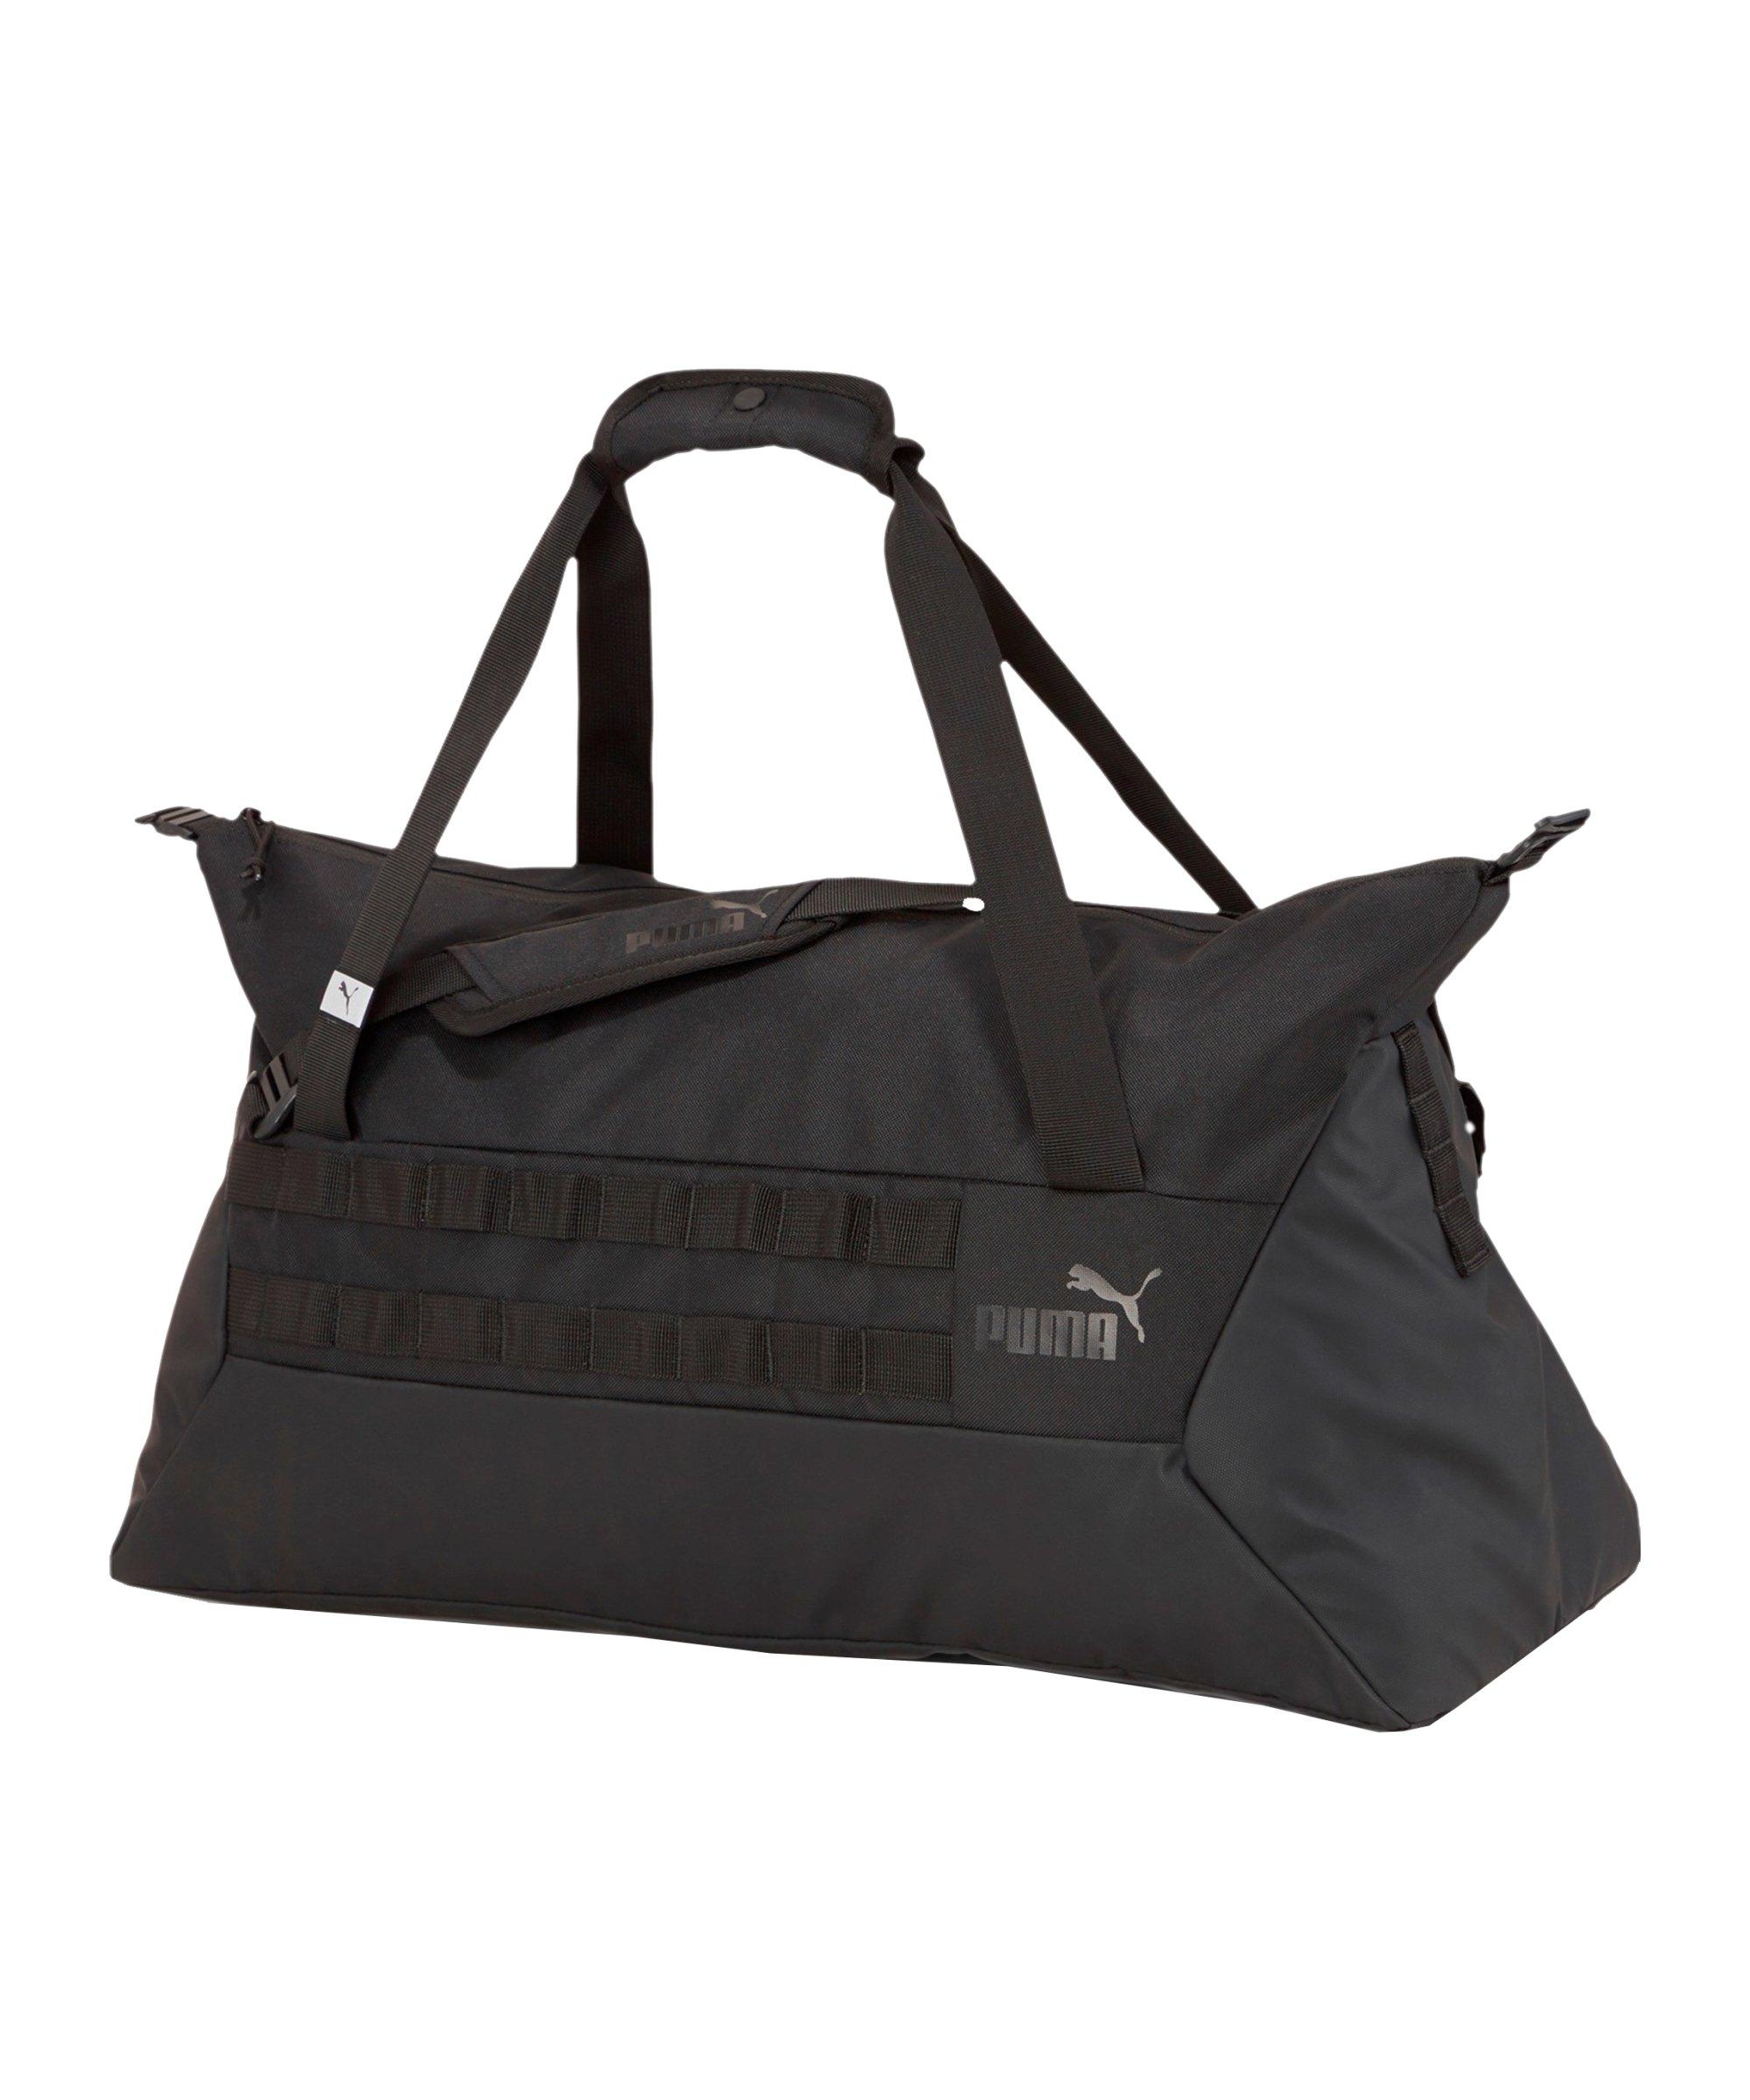 PUMA ftblNXT Medium Tasche Schwarz F01 - schwarz